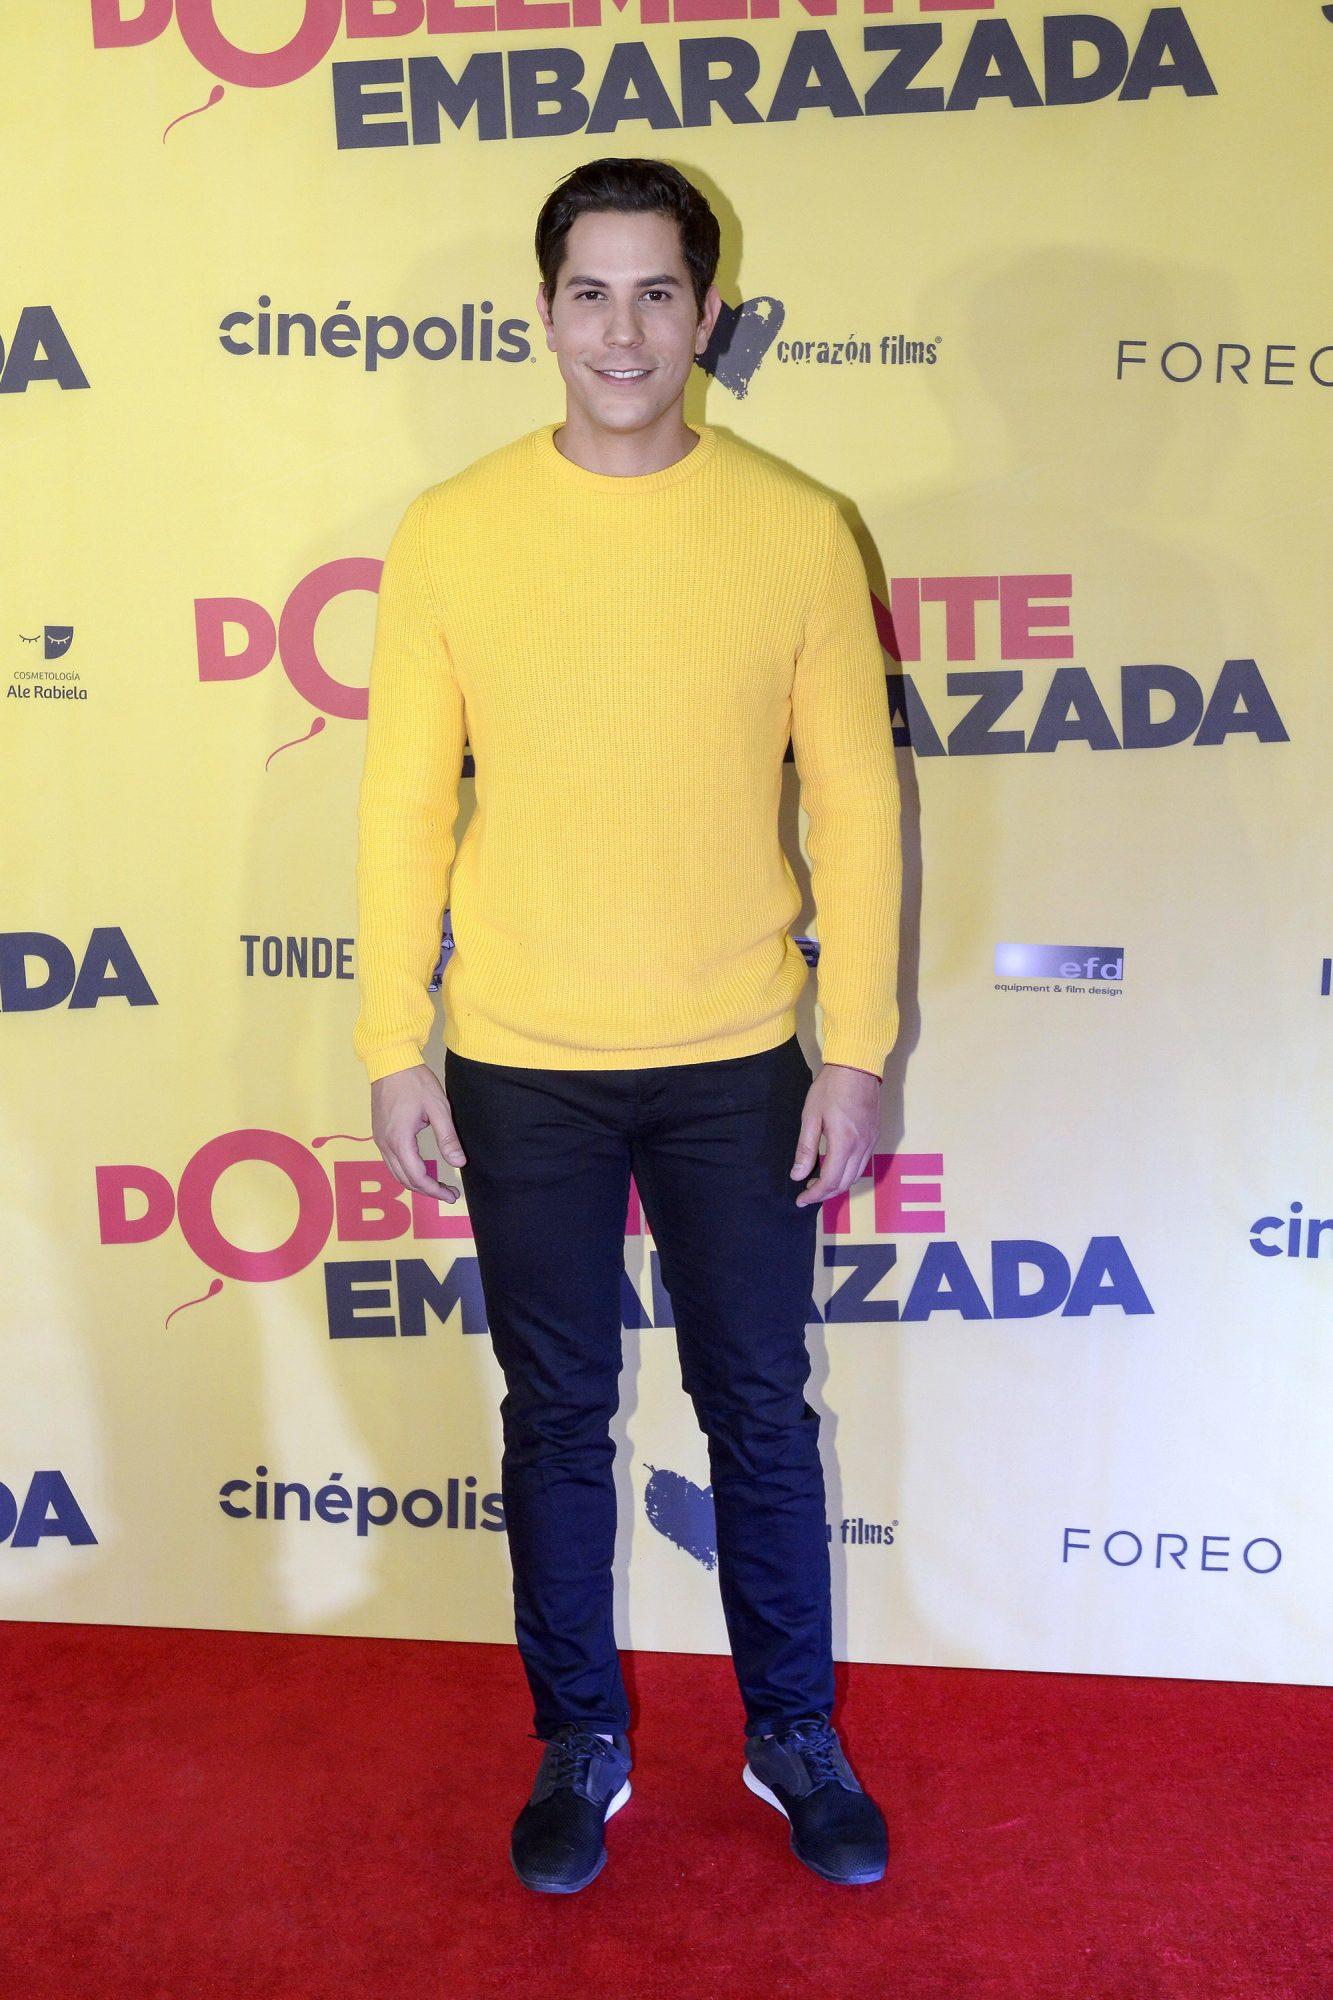 """Christian Chávez desfila por la alfombra roja de la premiere de la película """"Doblemente Embarazada"""", cinta que llega el próximo 19 de diciembre a la cartelera nacional/México, 16 de diciembre 2019."""